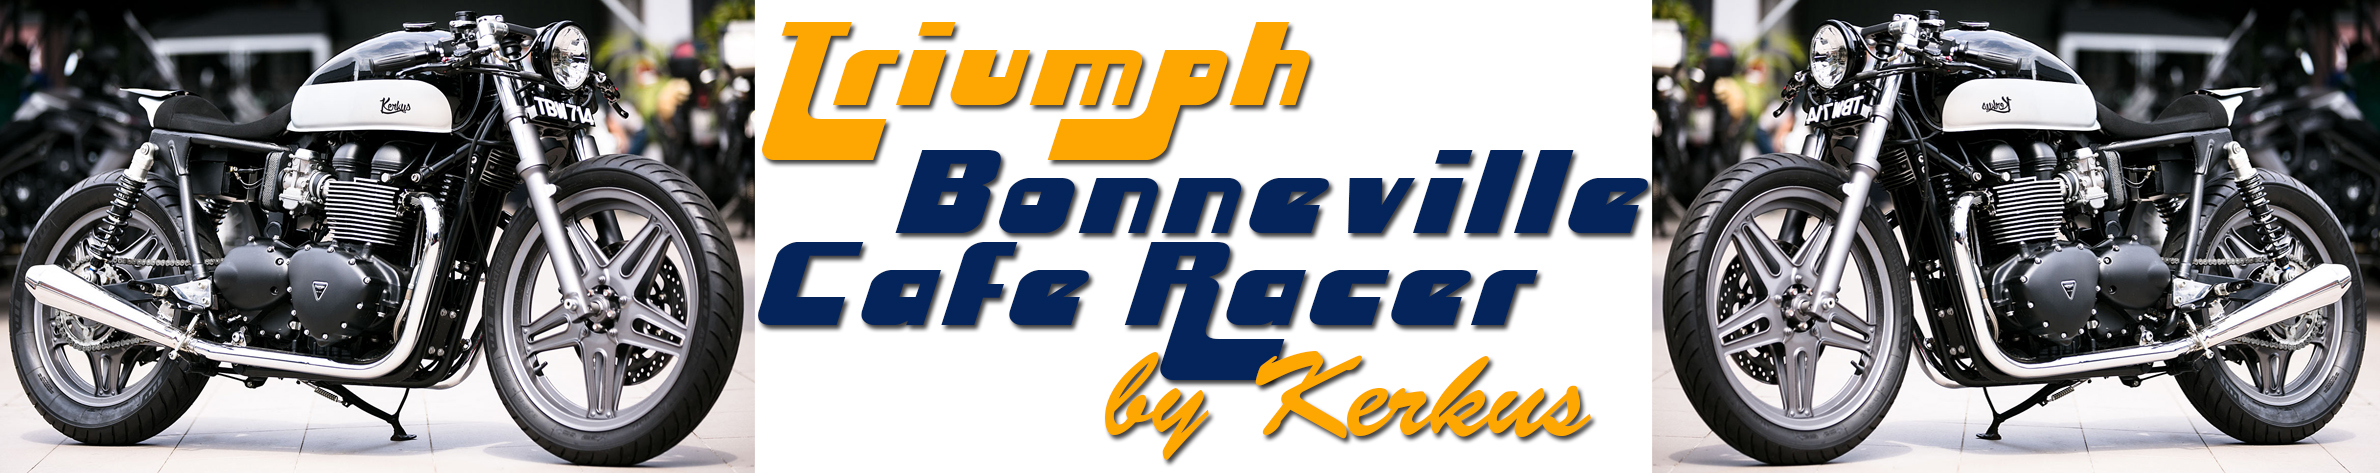 triumph-bonneville-cafe-racer